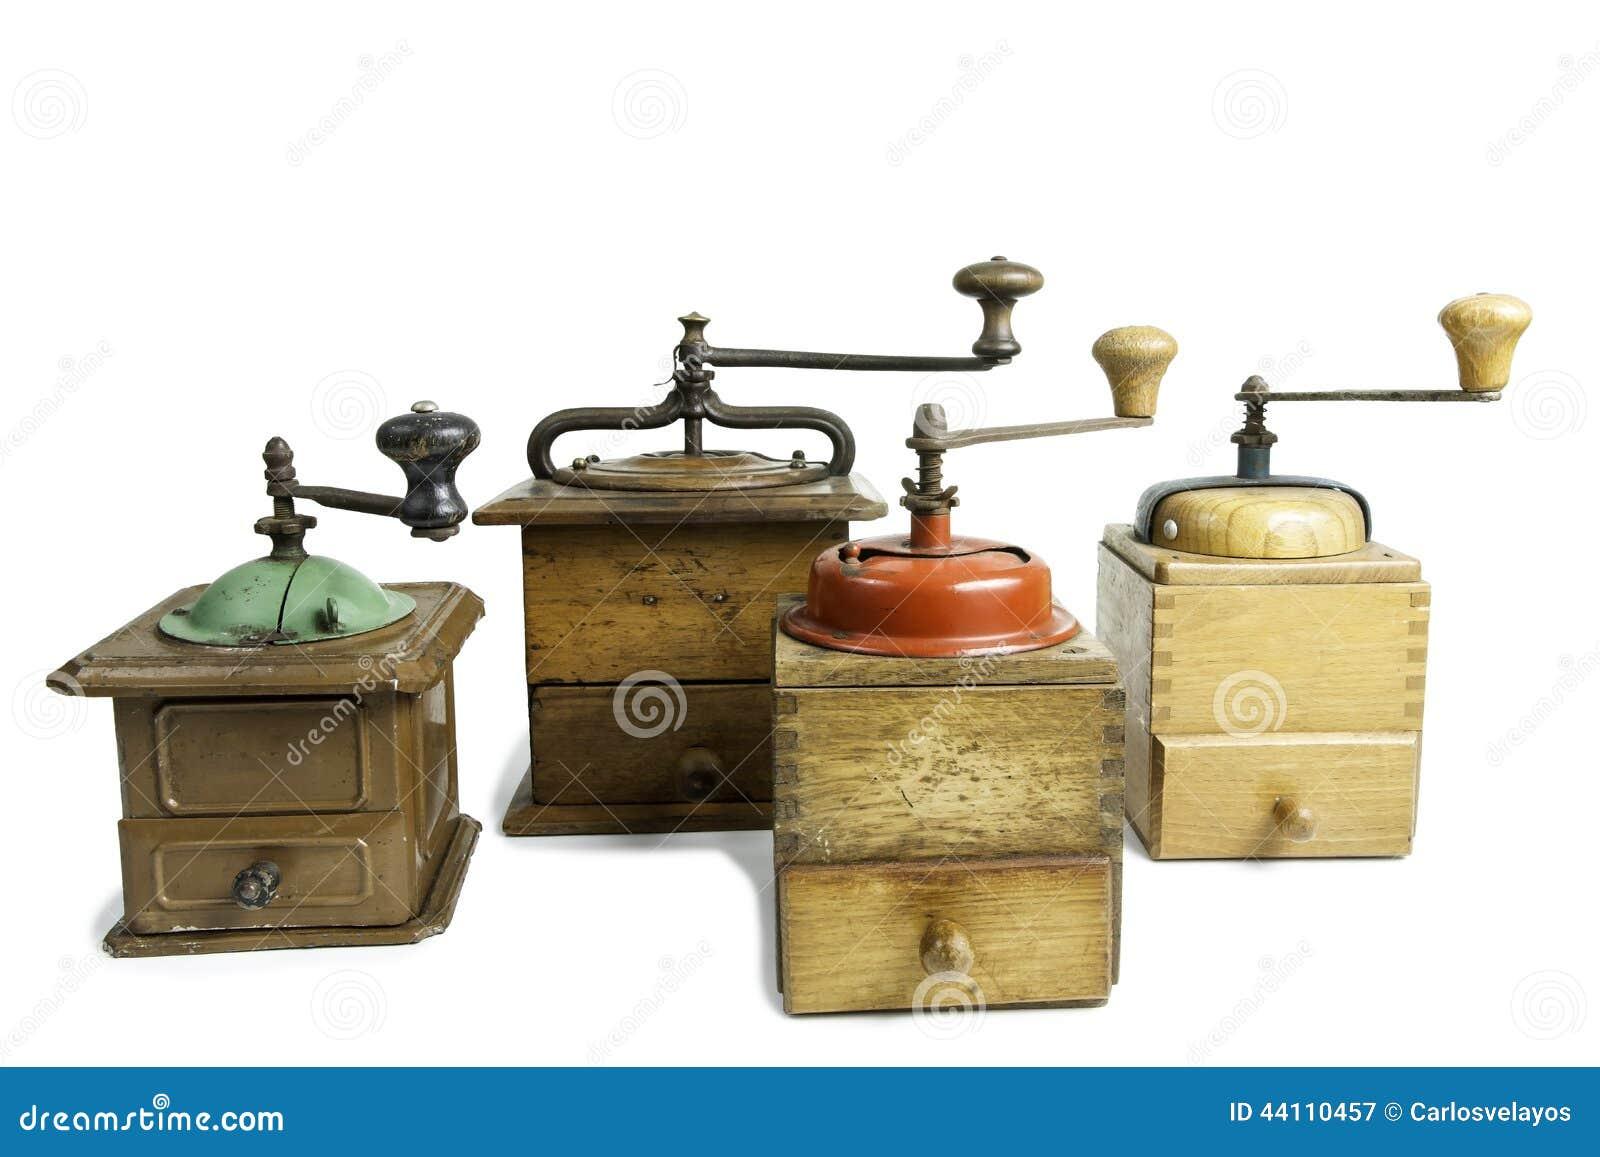 Kaffeemühlen  Alte Kaffeemühlen Stockfoto - Bild: 44110457